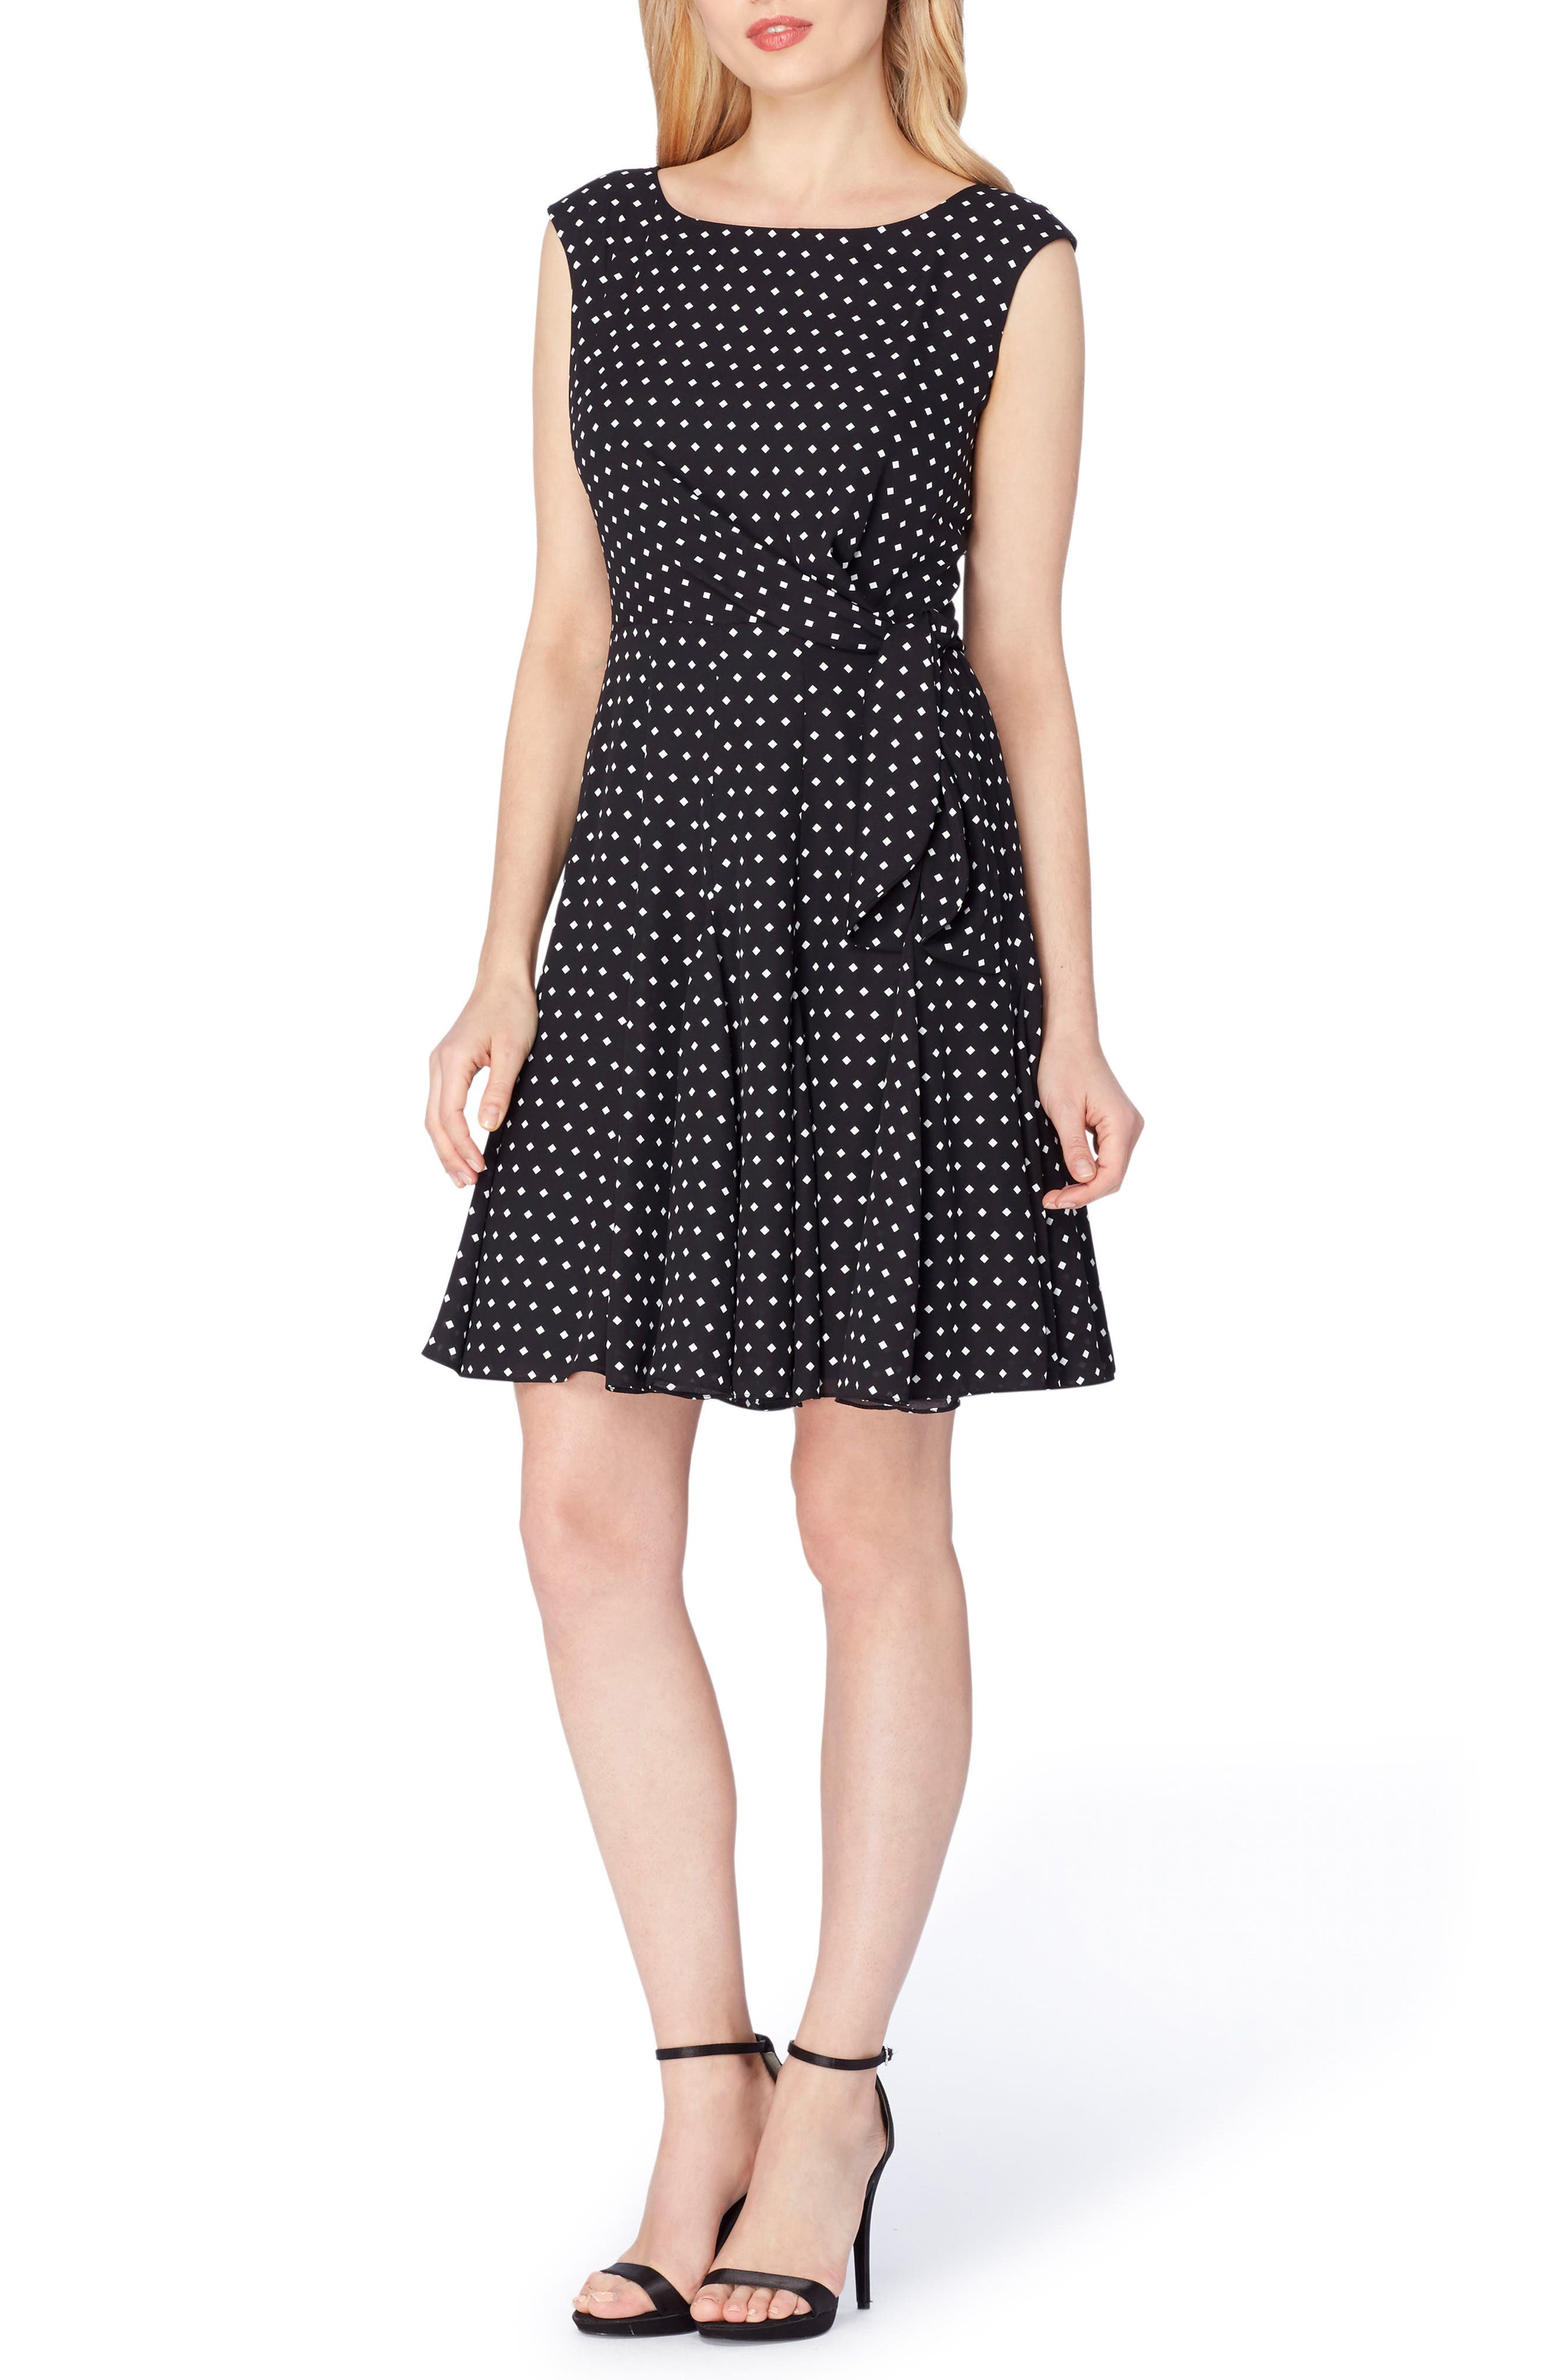 Alternate Image 1 Selected - Tahari Fit & Flare Dress (Regular & Petite)